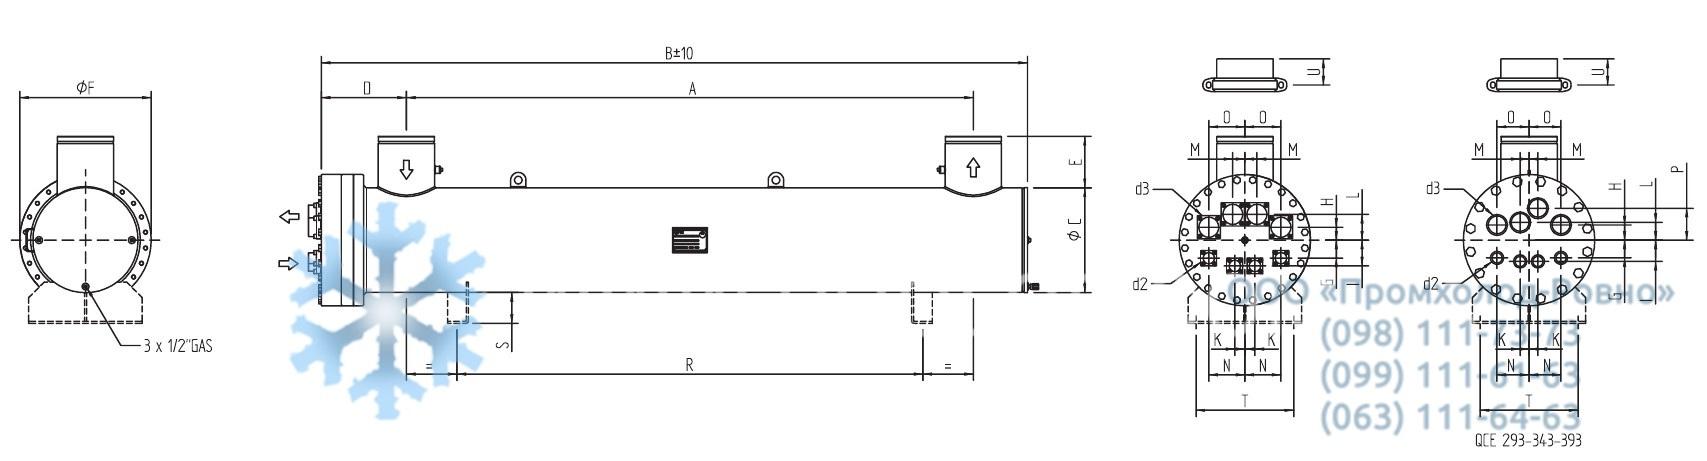 Кожухотрубный испаритель WTK QCE 1373 Артём Кожухотрубный жидкостный ресивер ONDA RL 290 Липецк